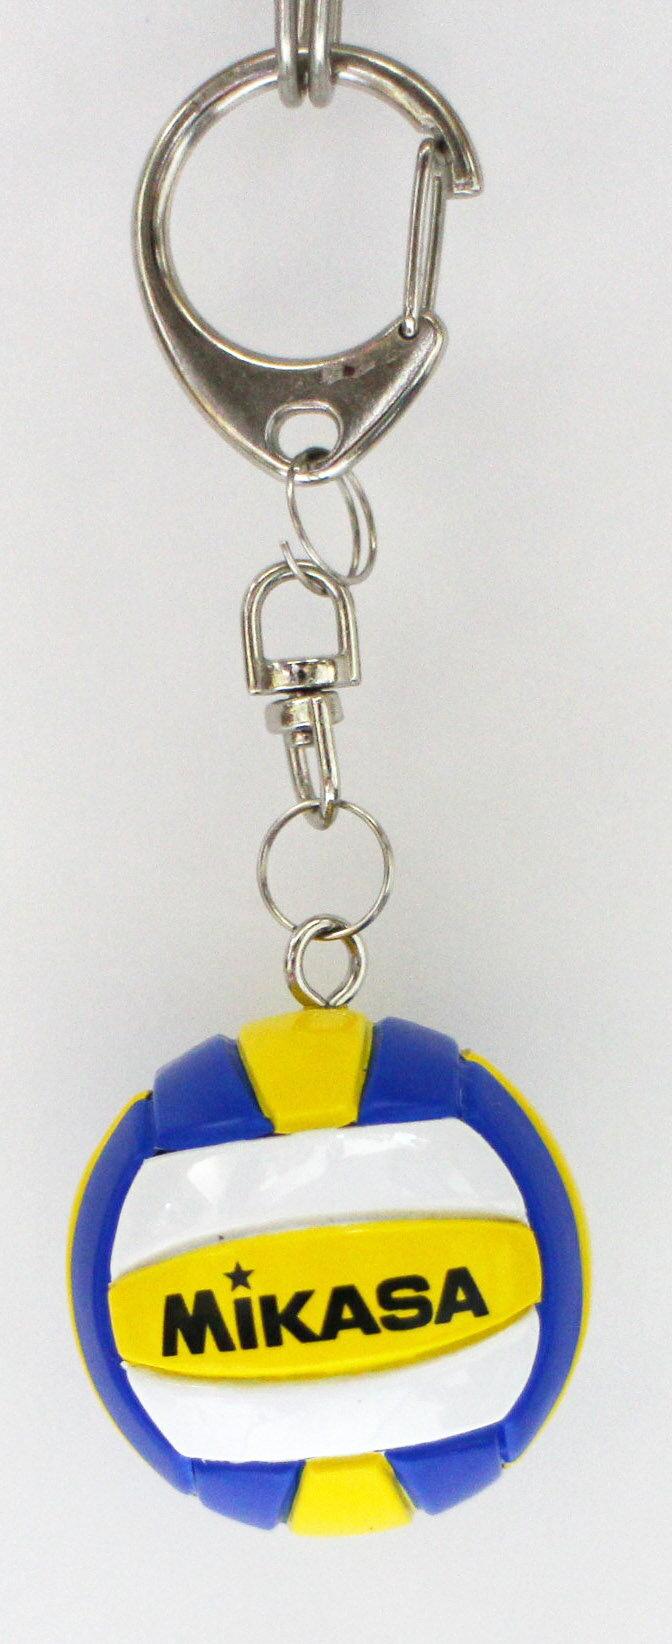 [陽光樂活=] 明星排球鑰匙圈 MIKASA 黃白藍